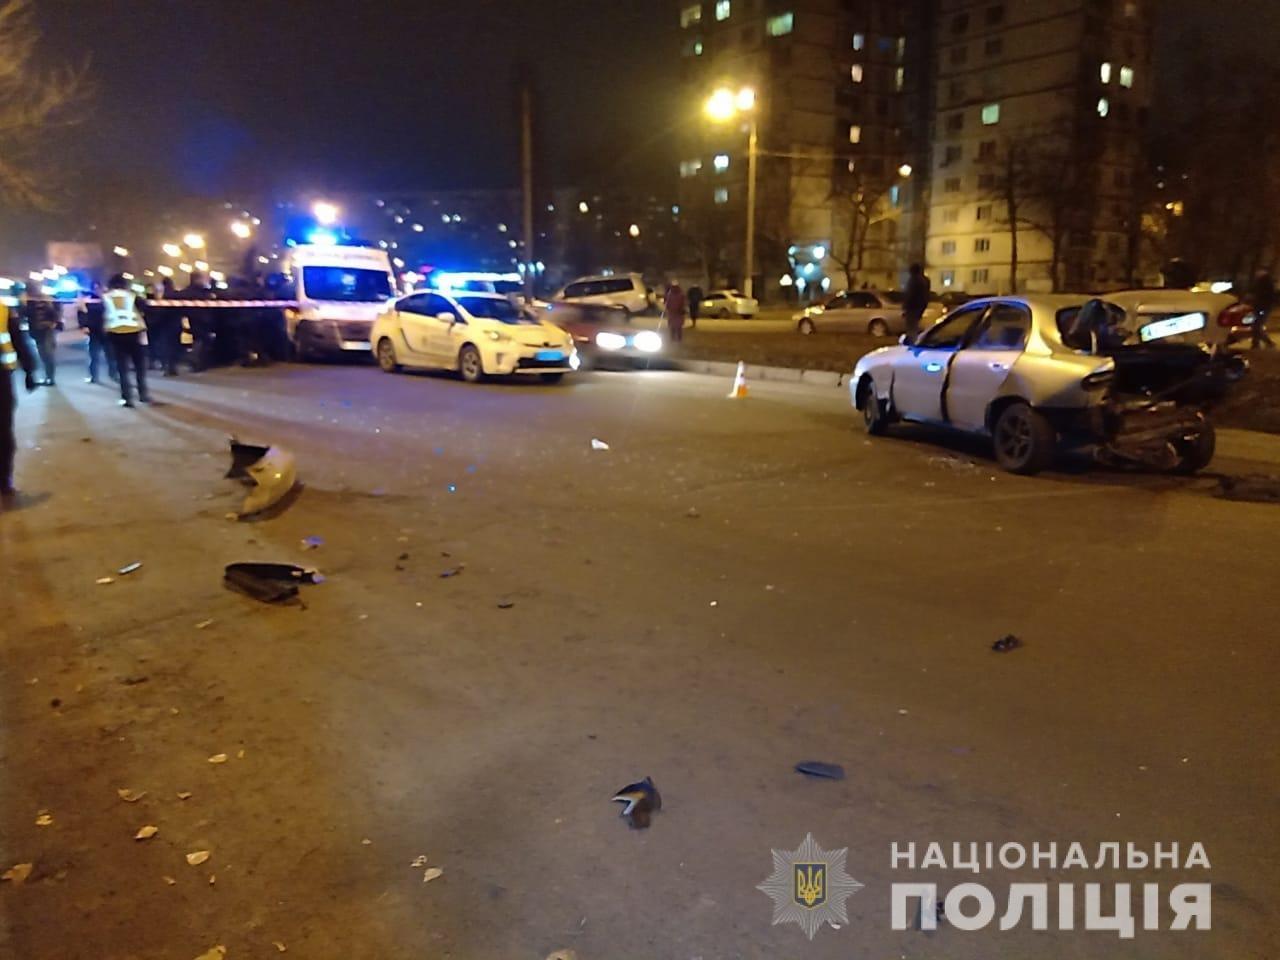 В Харькове пьяный водитель устроил ДТП и пытался скрыться с места аварии, - ФОТО, фото-1